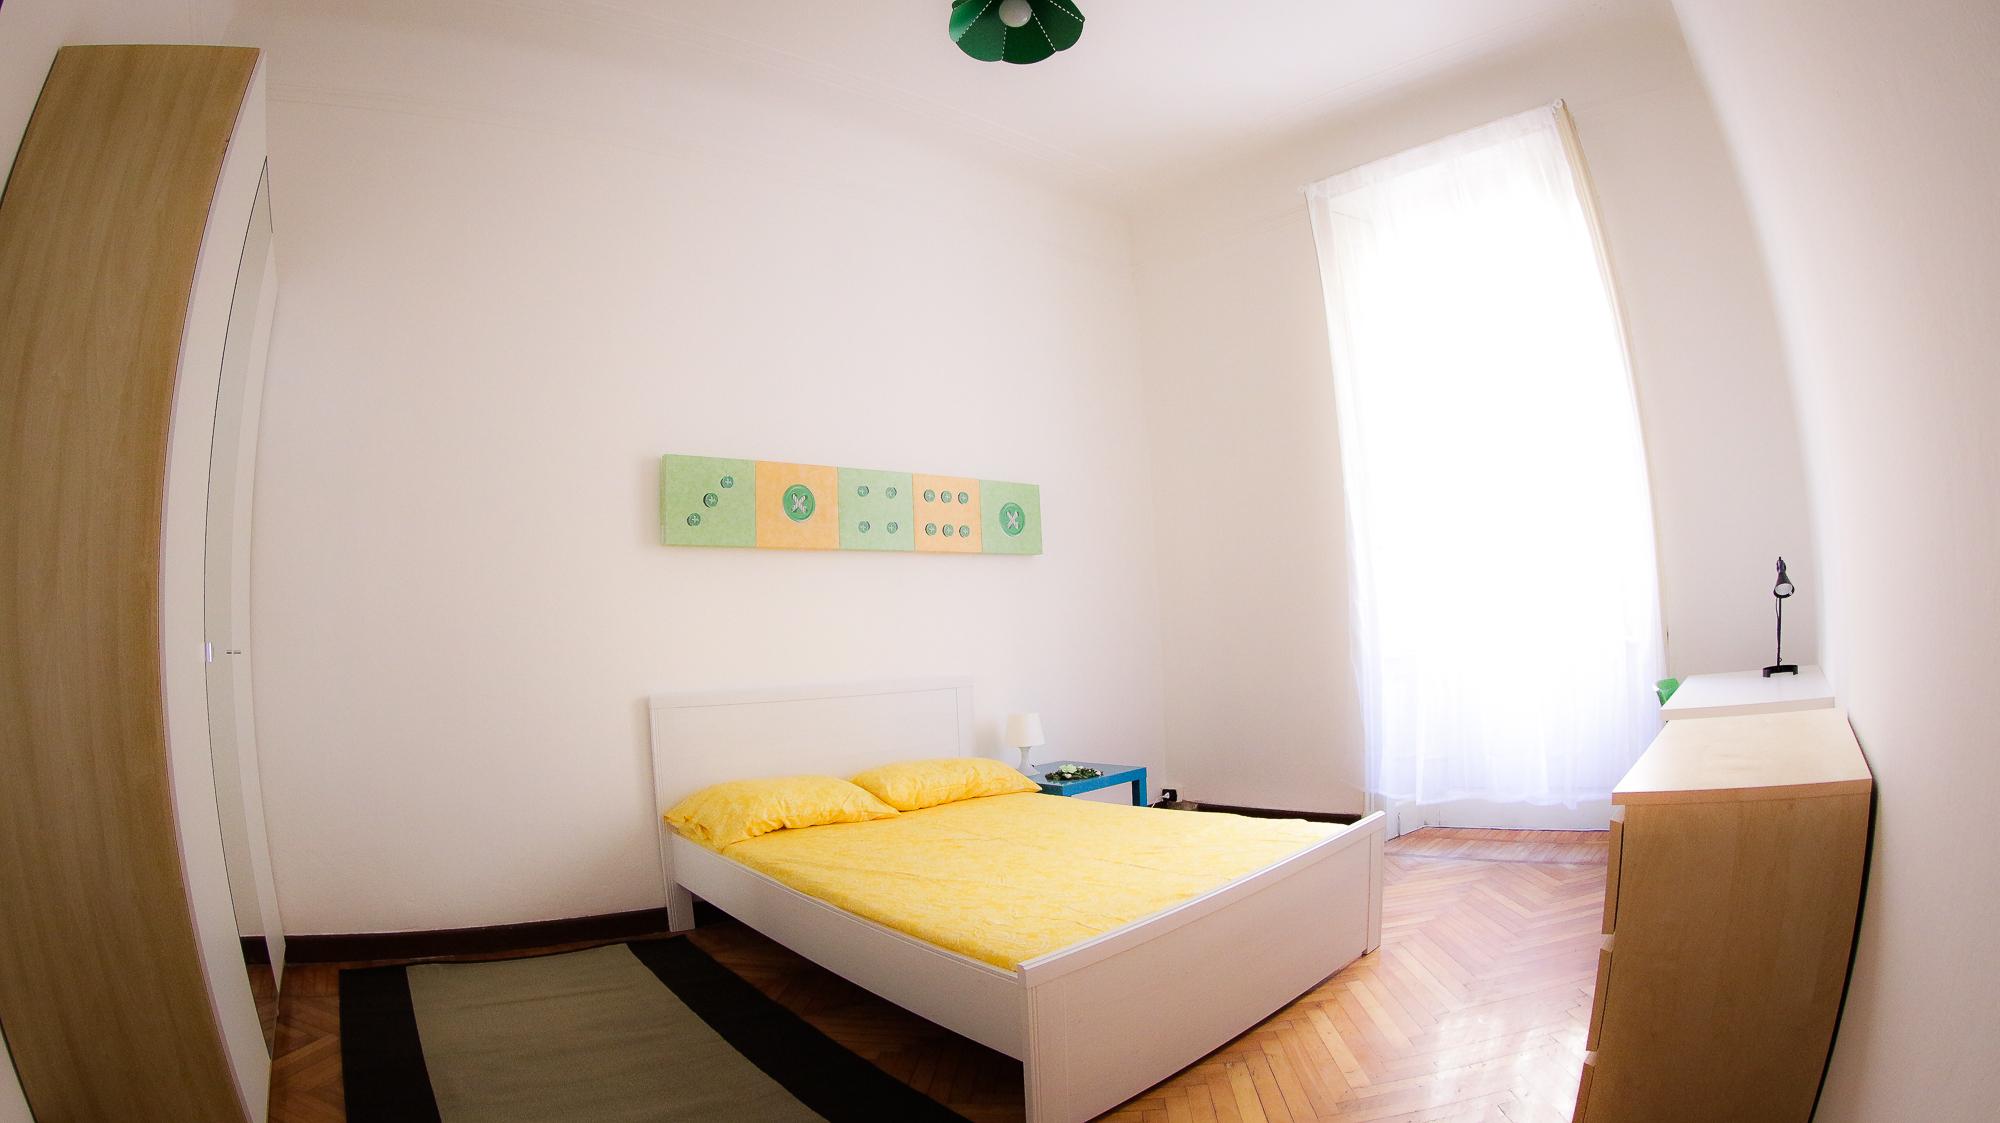 Bazzini PT Room 3